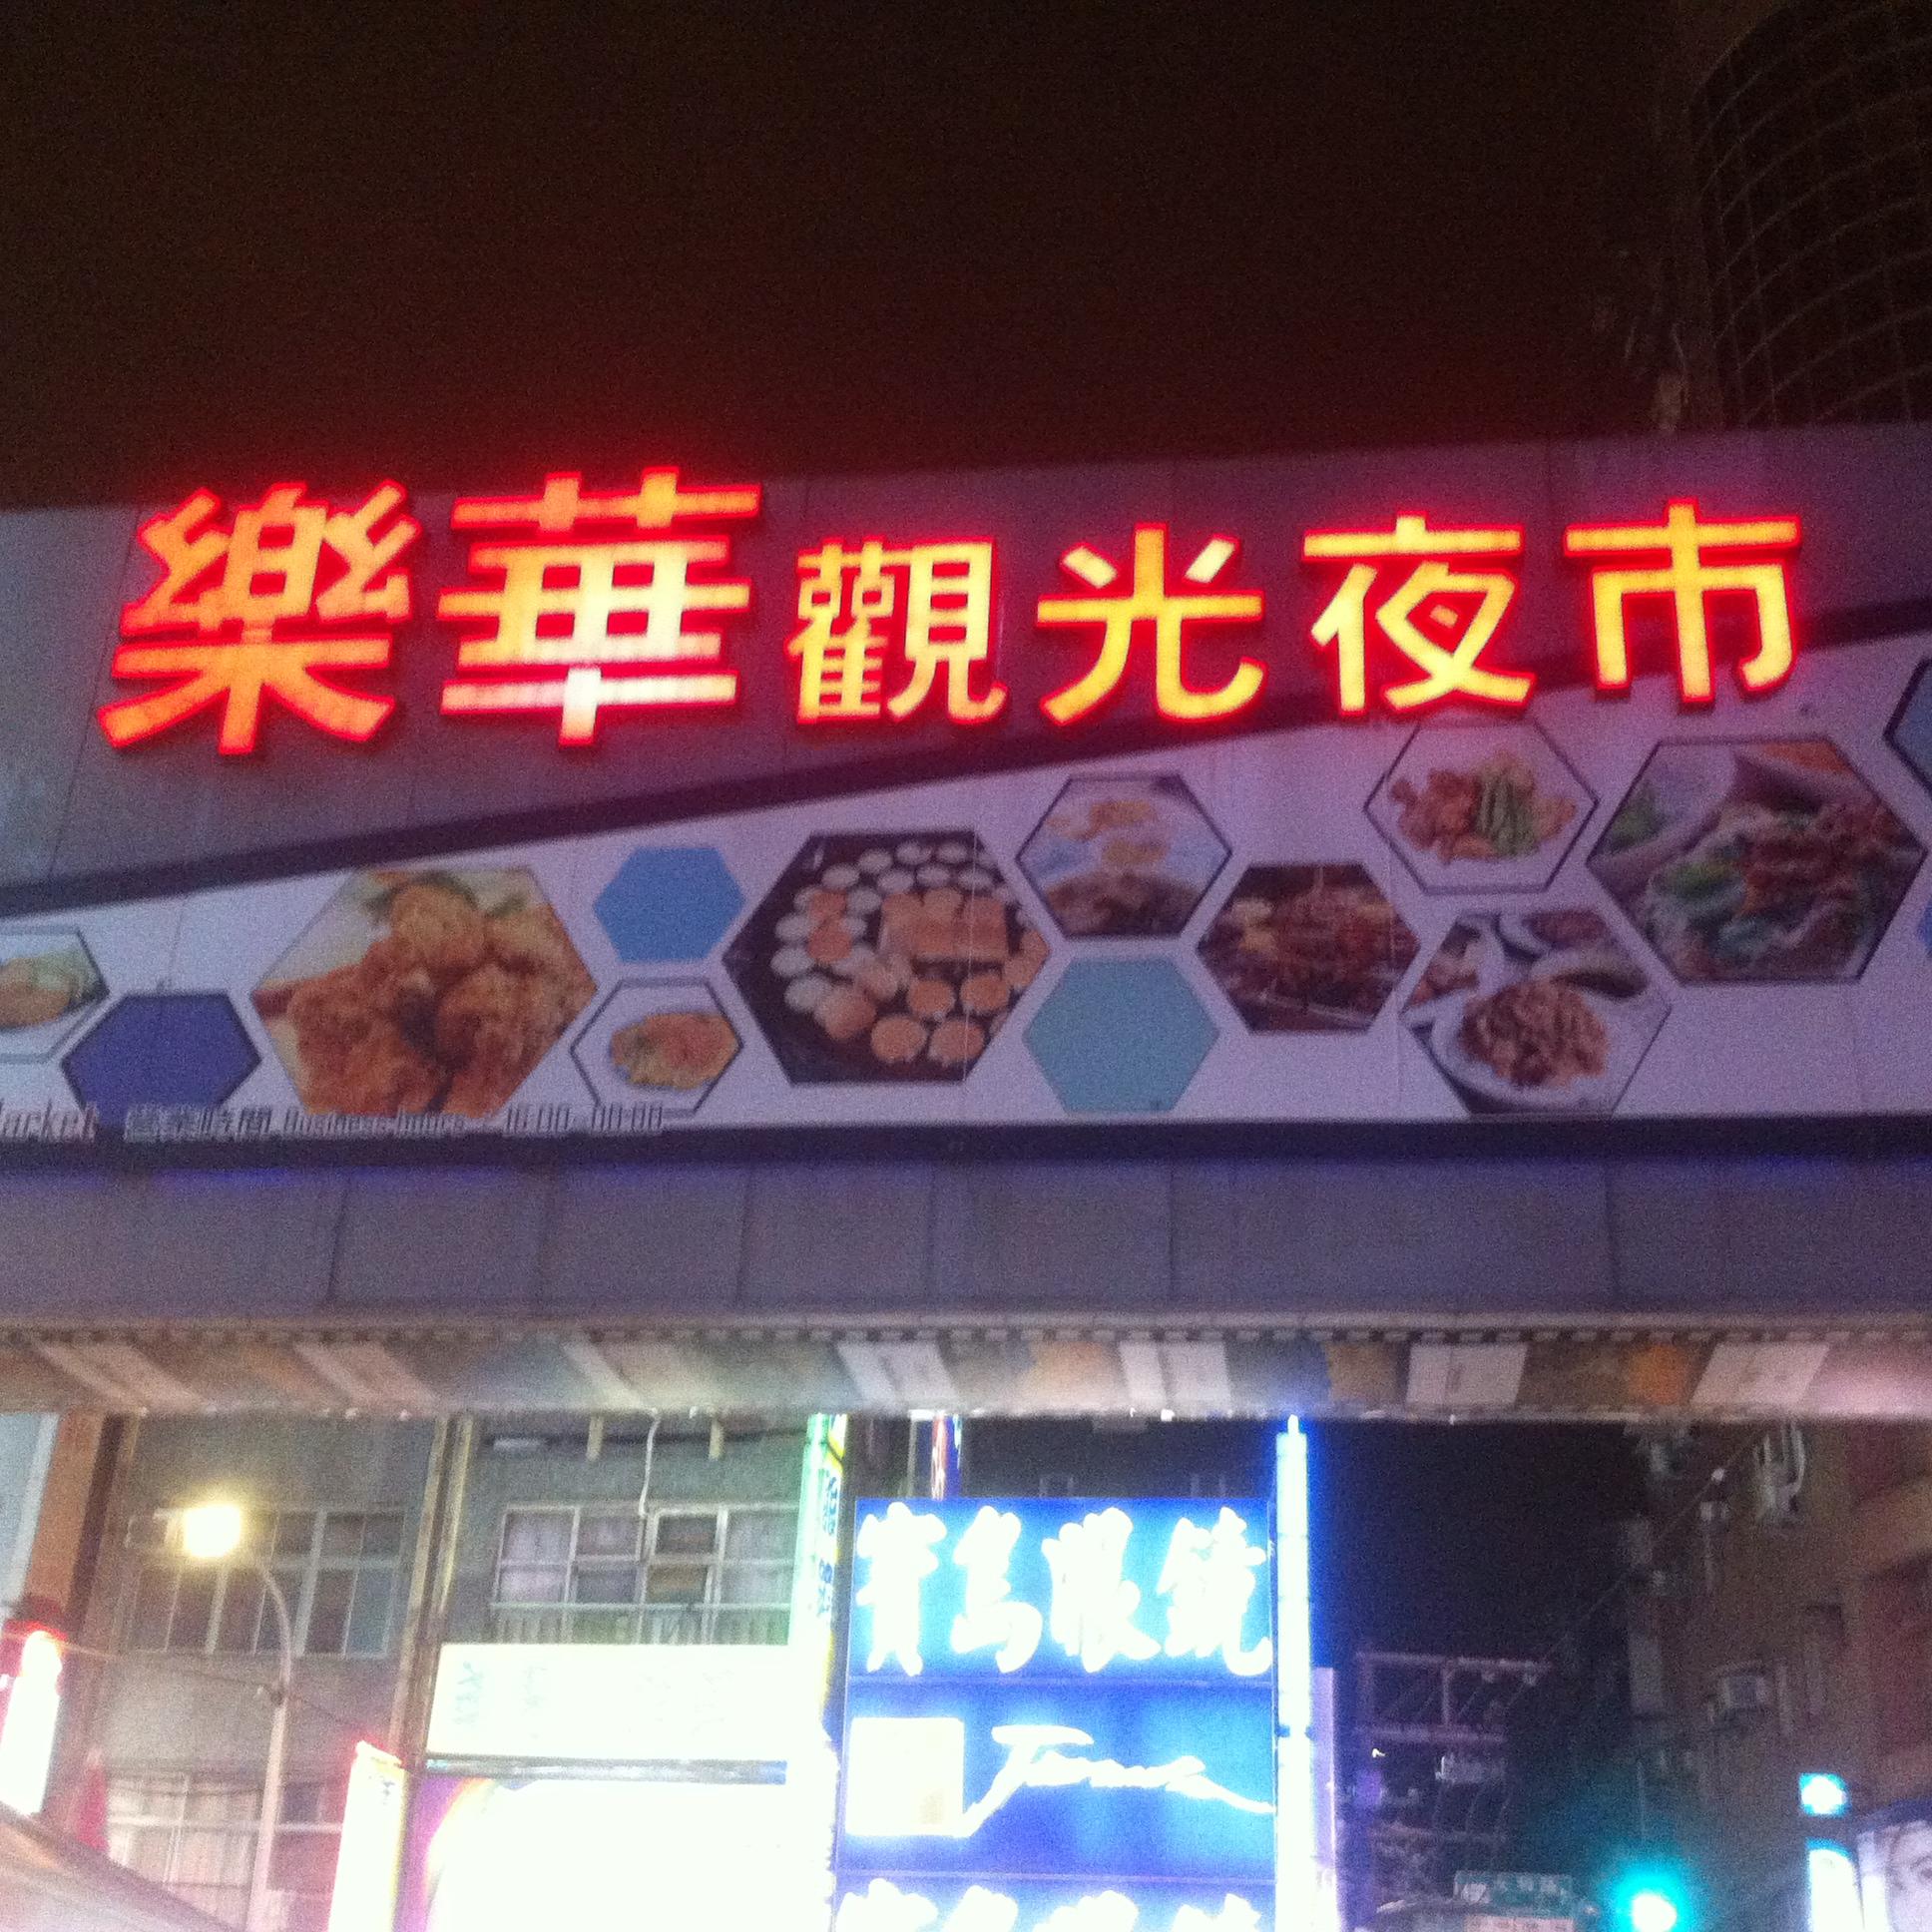 【夜市】永和楽華夜市はプチローカル感がある夜市!